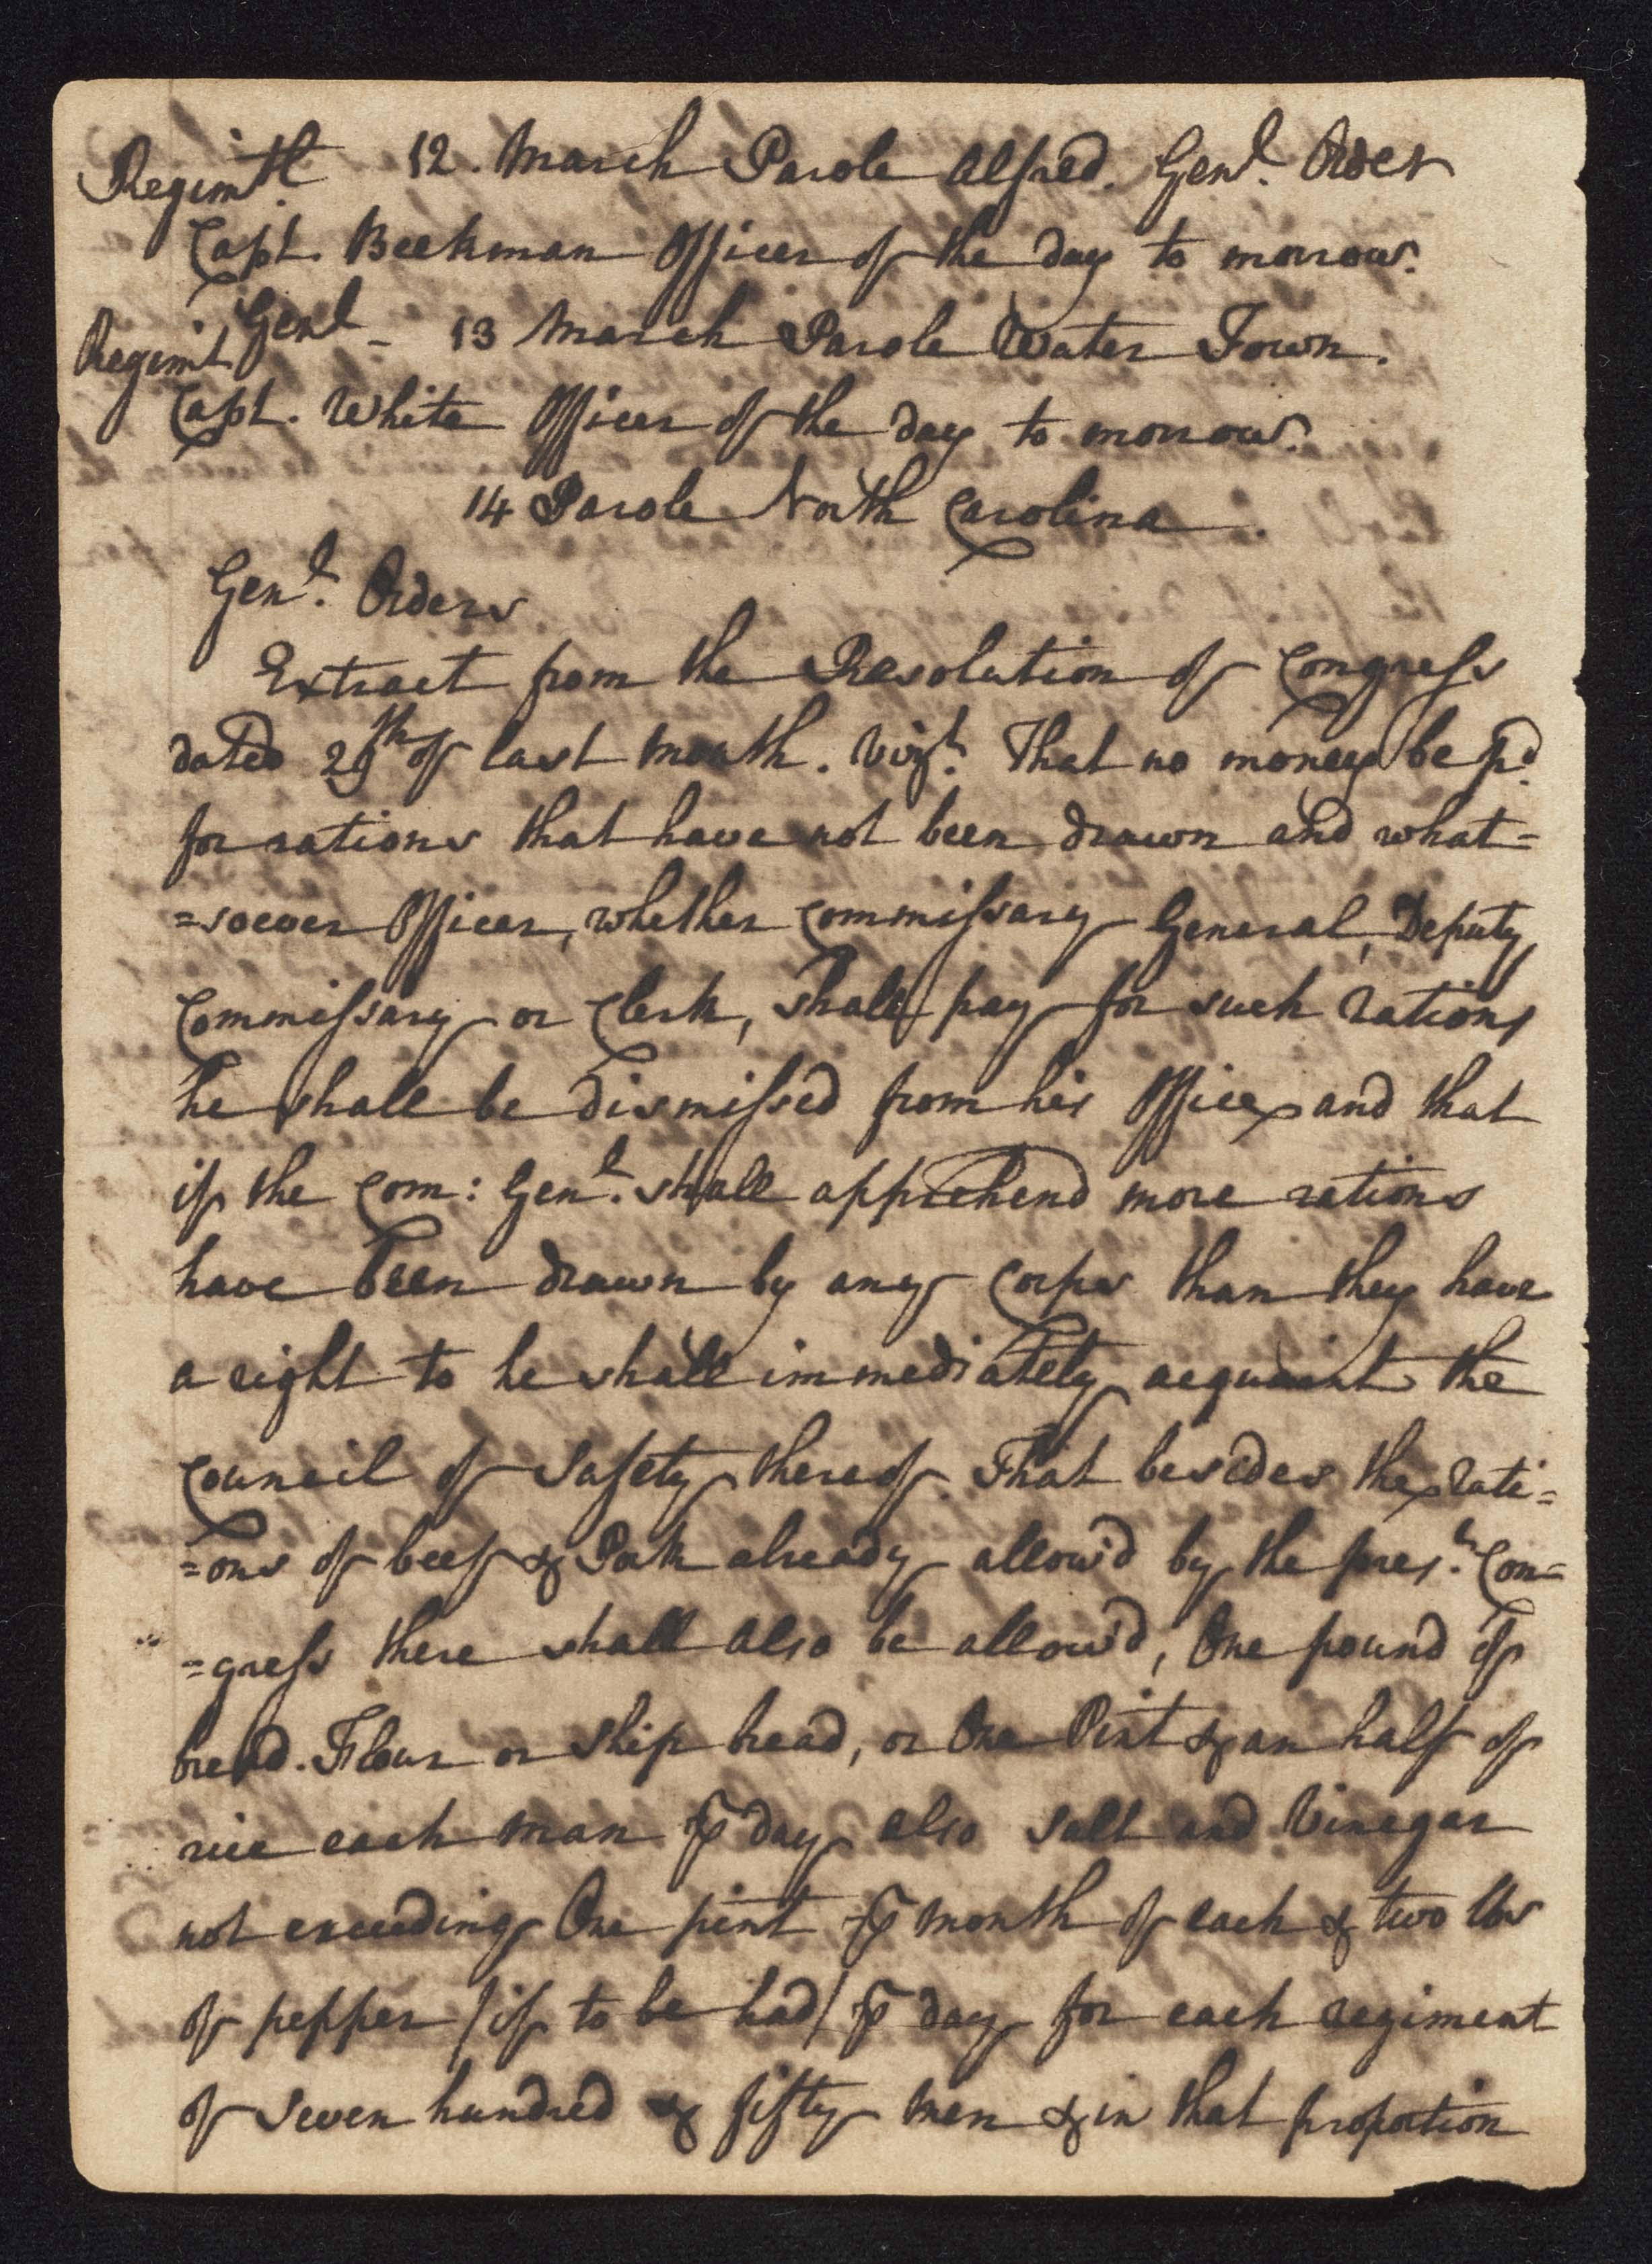 South Carolina Regiment Order Book, Page 84